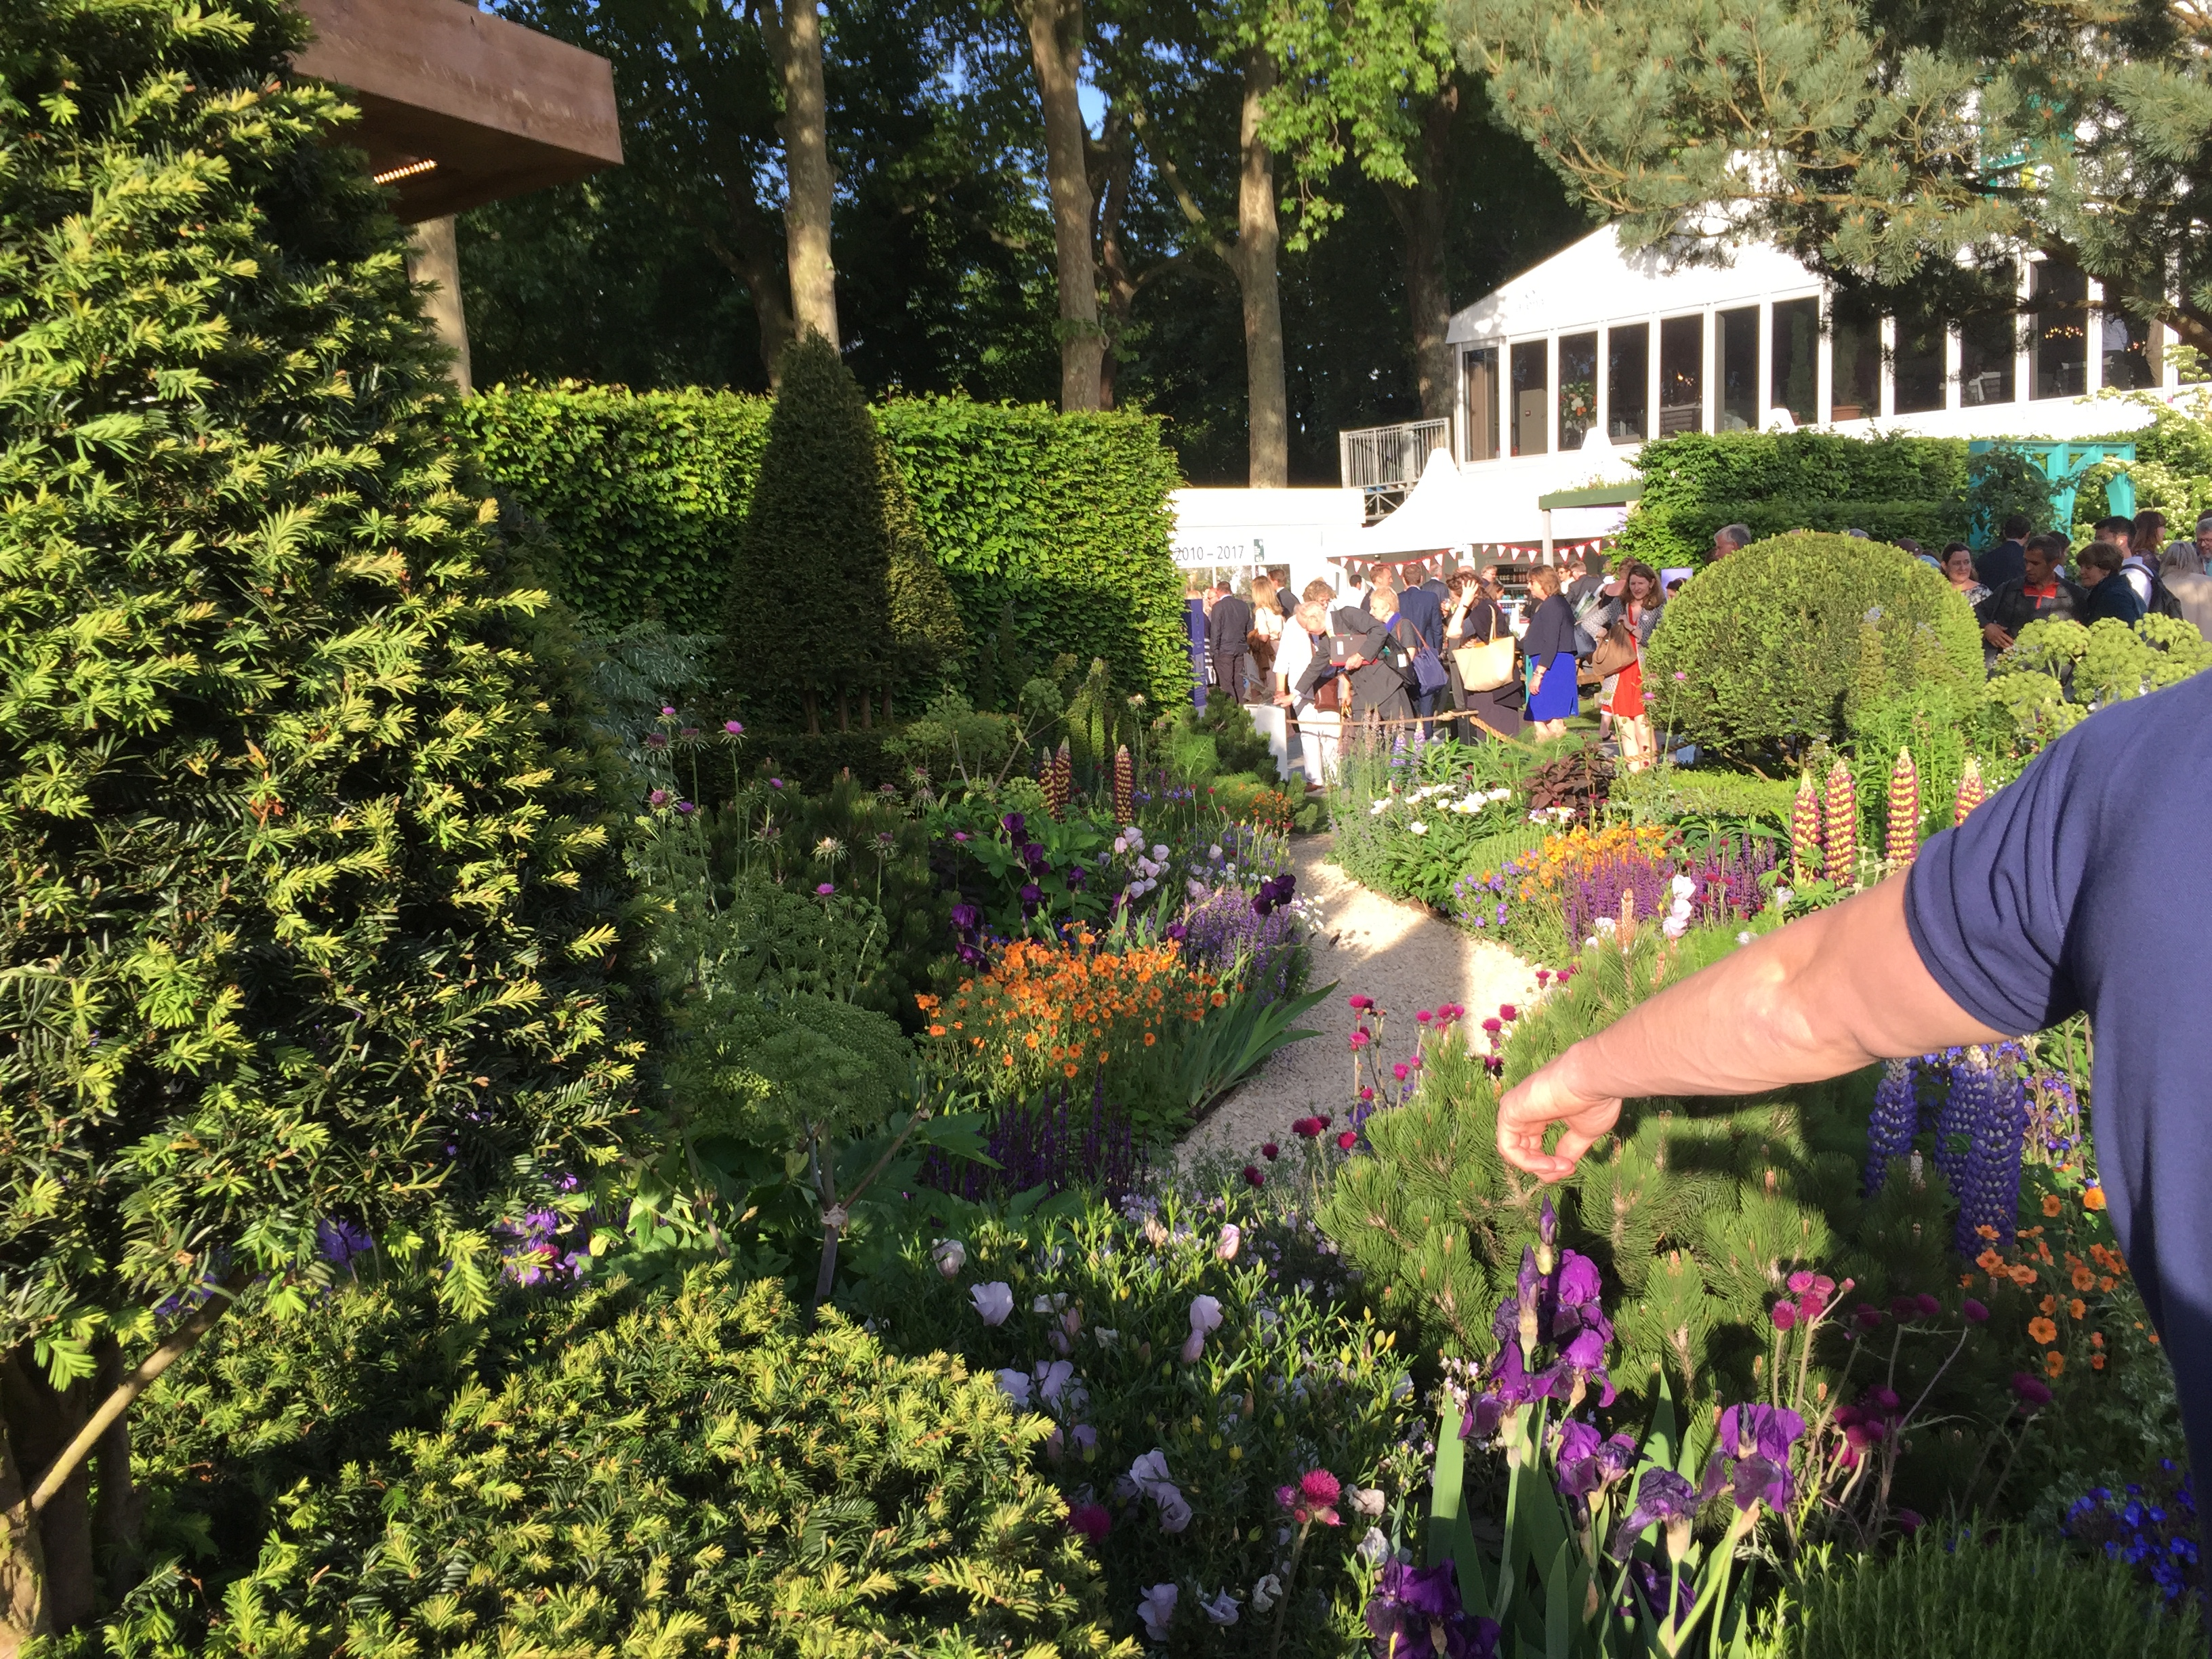 Chelsea flower show london 2017 london garden blog for Chelsea garden designs